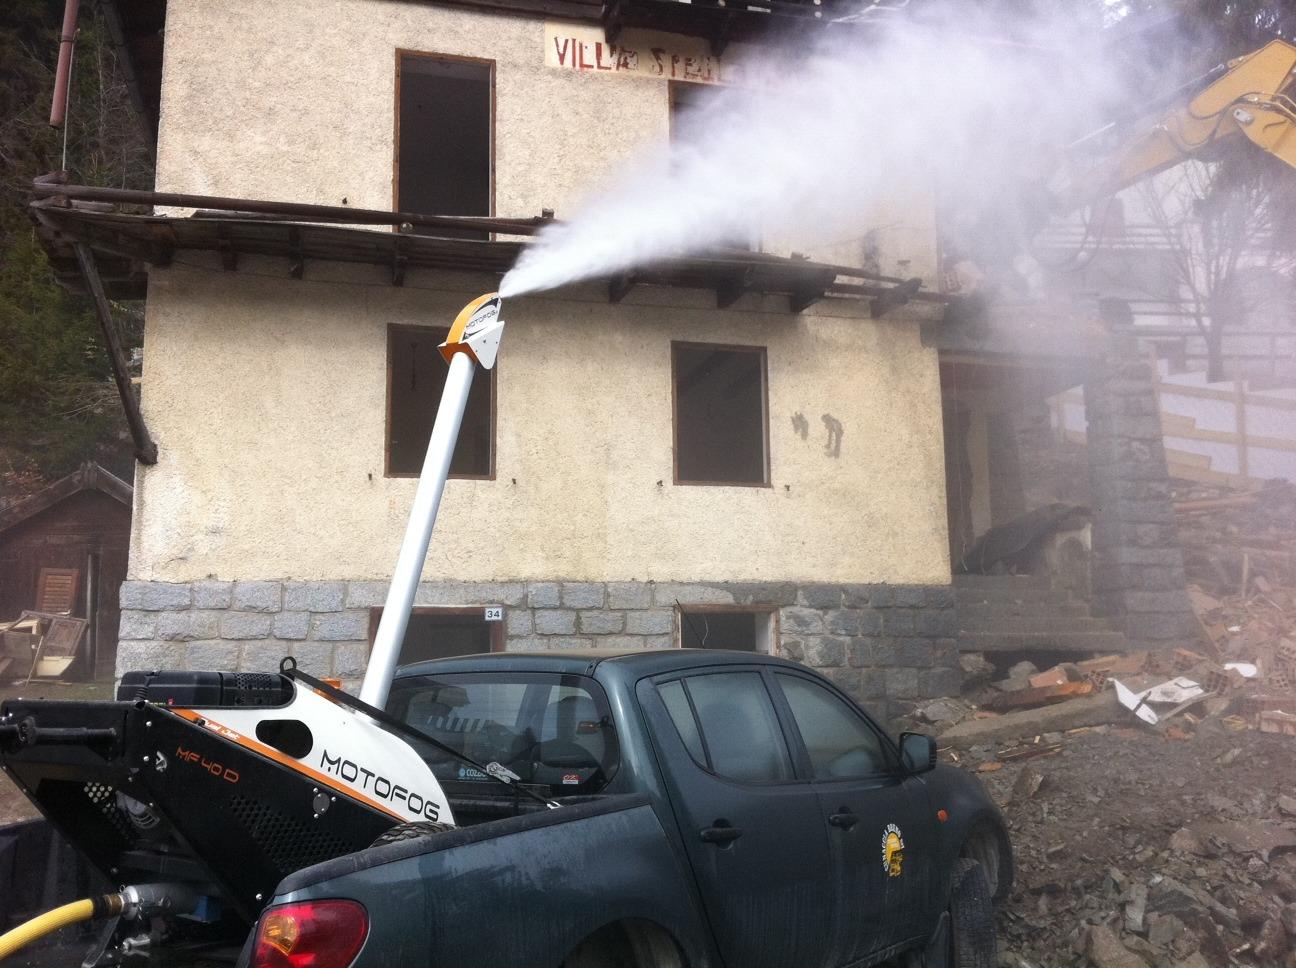 Le MOTOFOG MF20 est un brumisateur pour l'abattage de poussières et odeurs